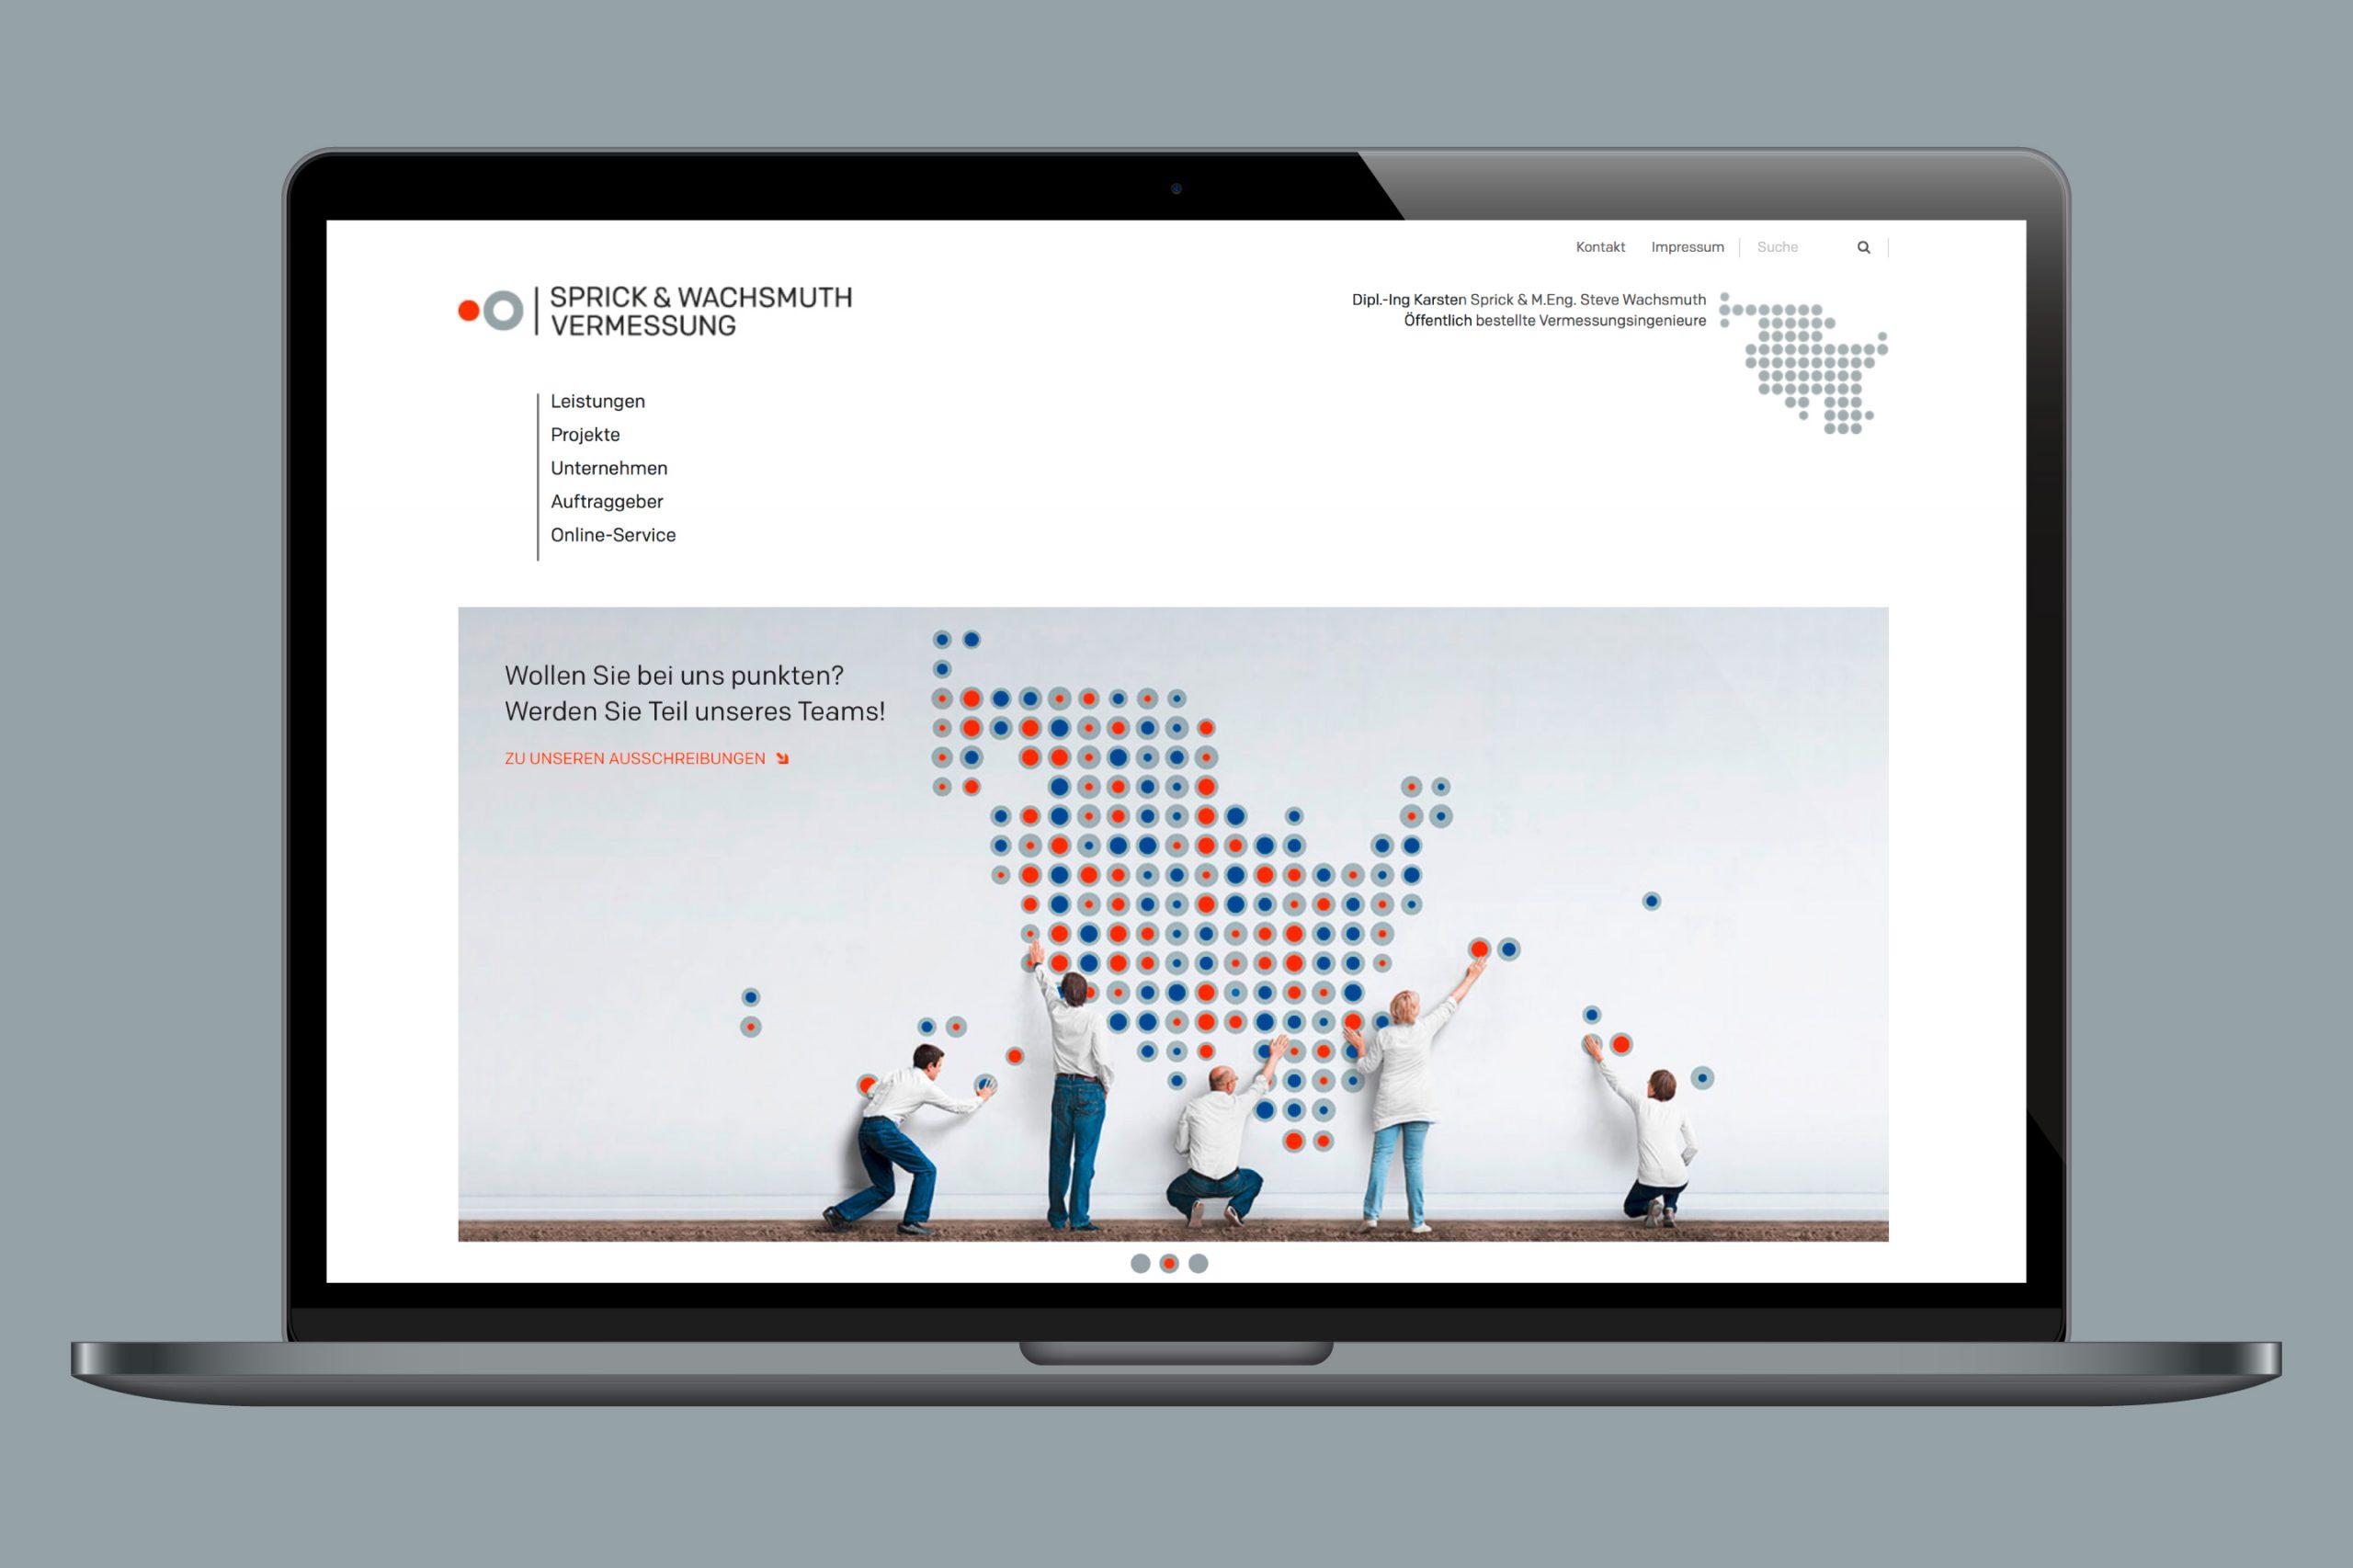 Digitale Kommuniktion / Webdesign: SW Vermessung